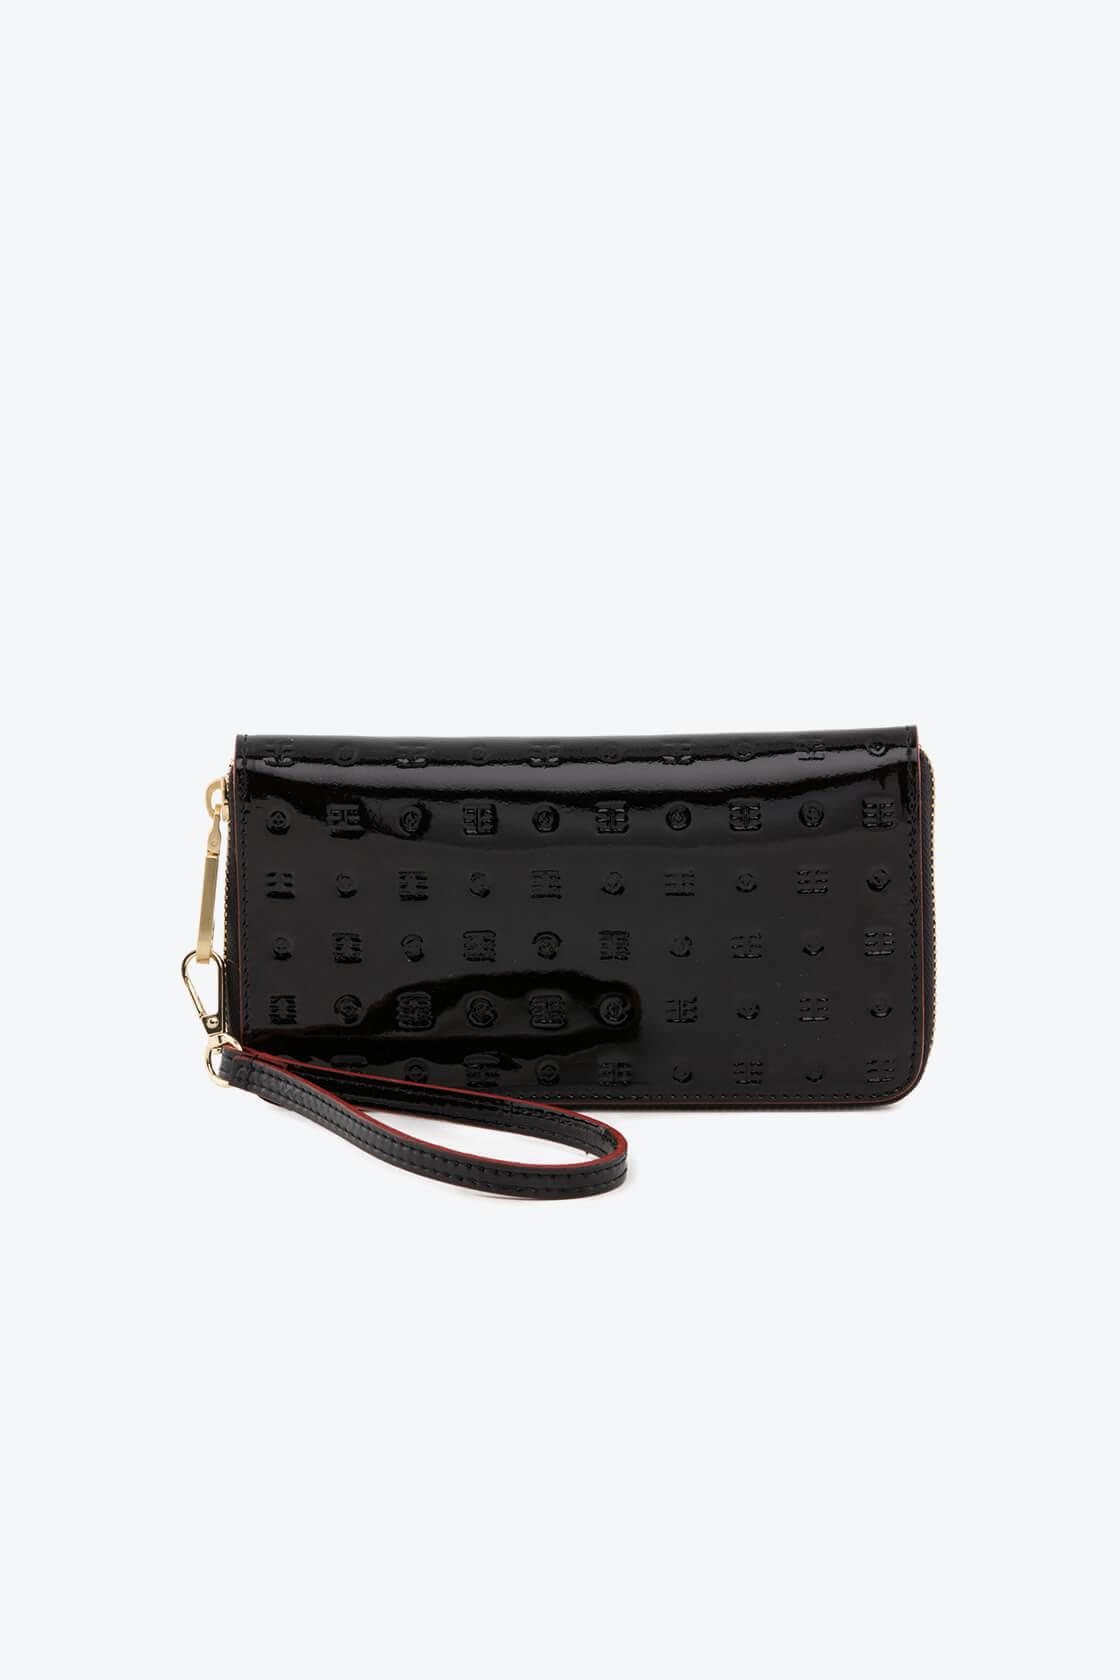 ol80000122 wristlet multi pockets wallet 1